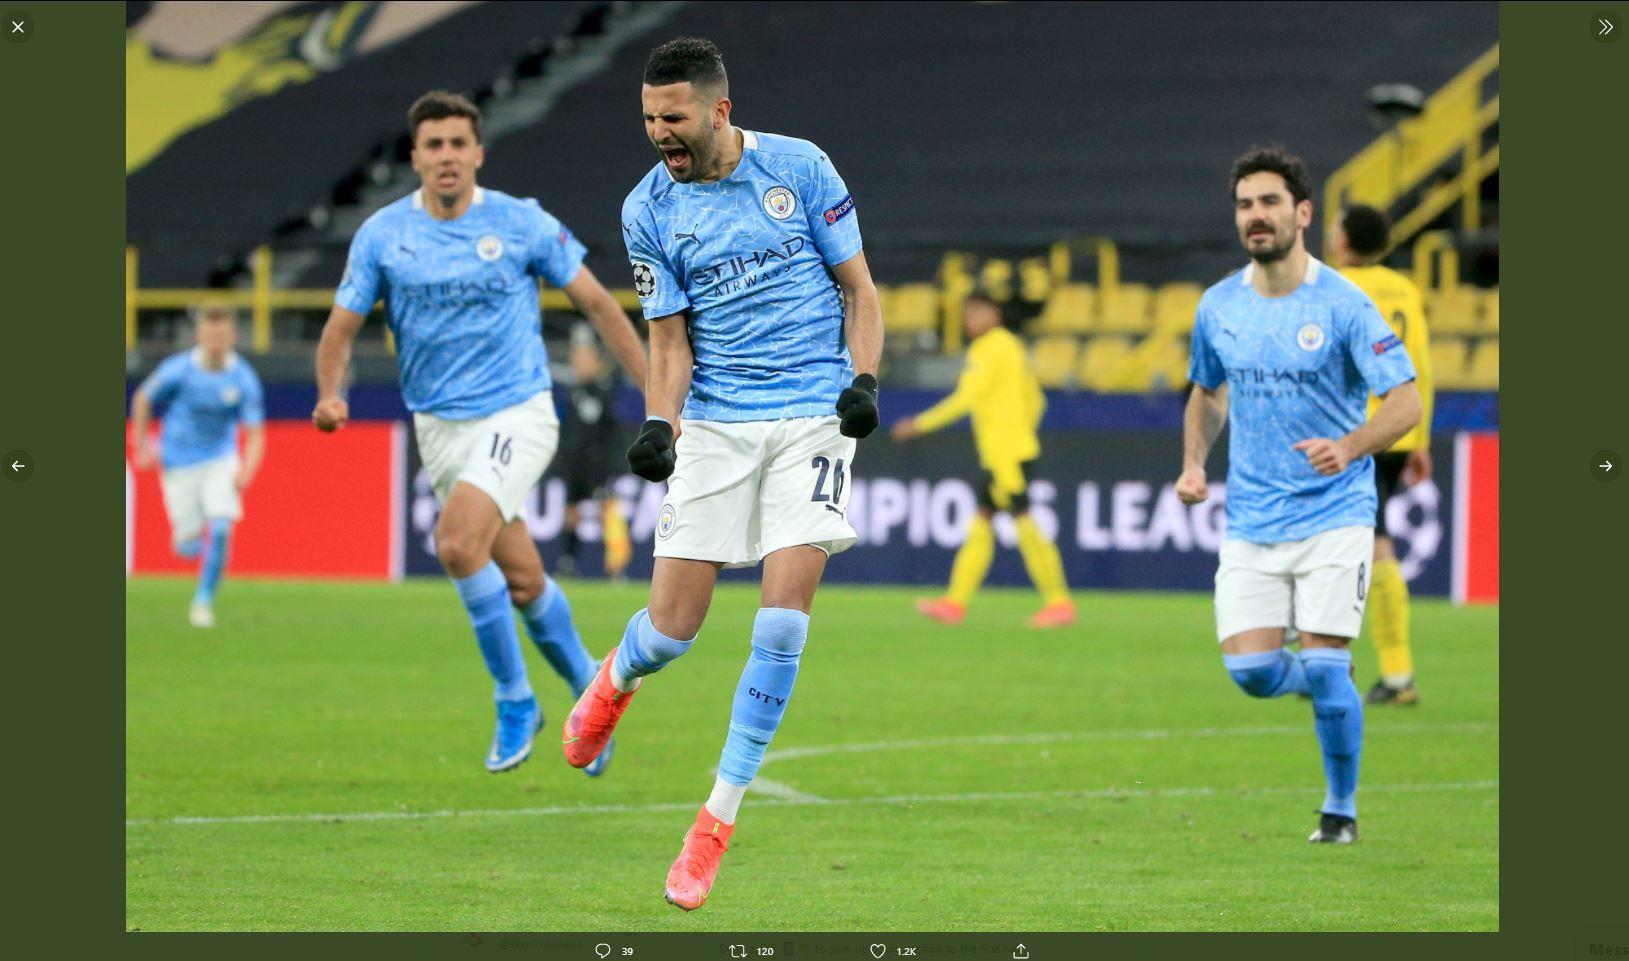 Para pemain Manchester City merayakan gol ke gawang Paris Saint-Germain (PSG) di Liga Champions, Rabu (5/5/2021) dini hari WIB.